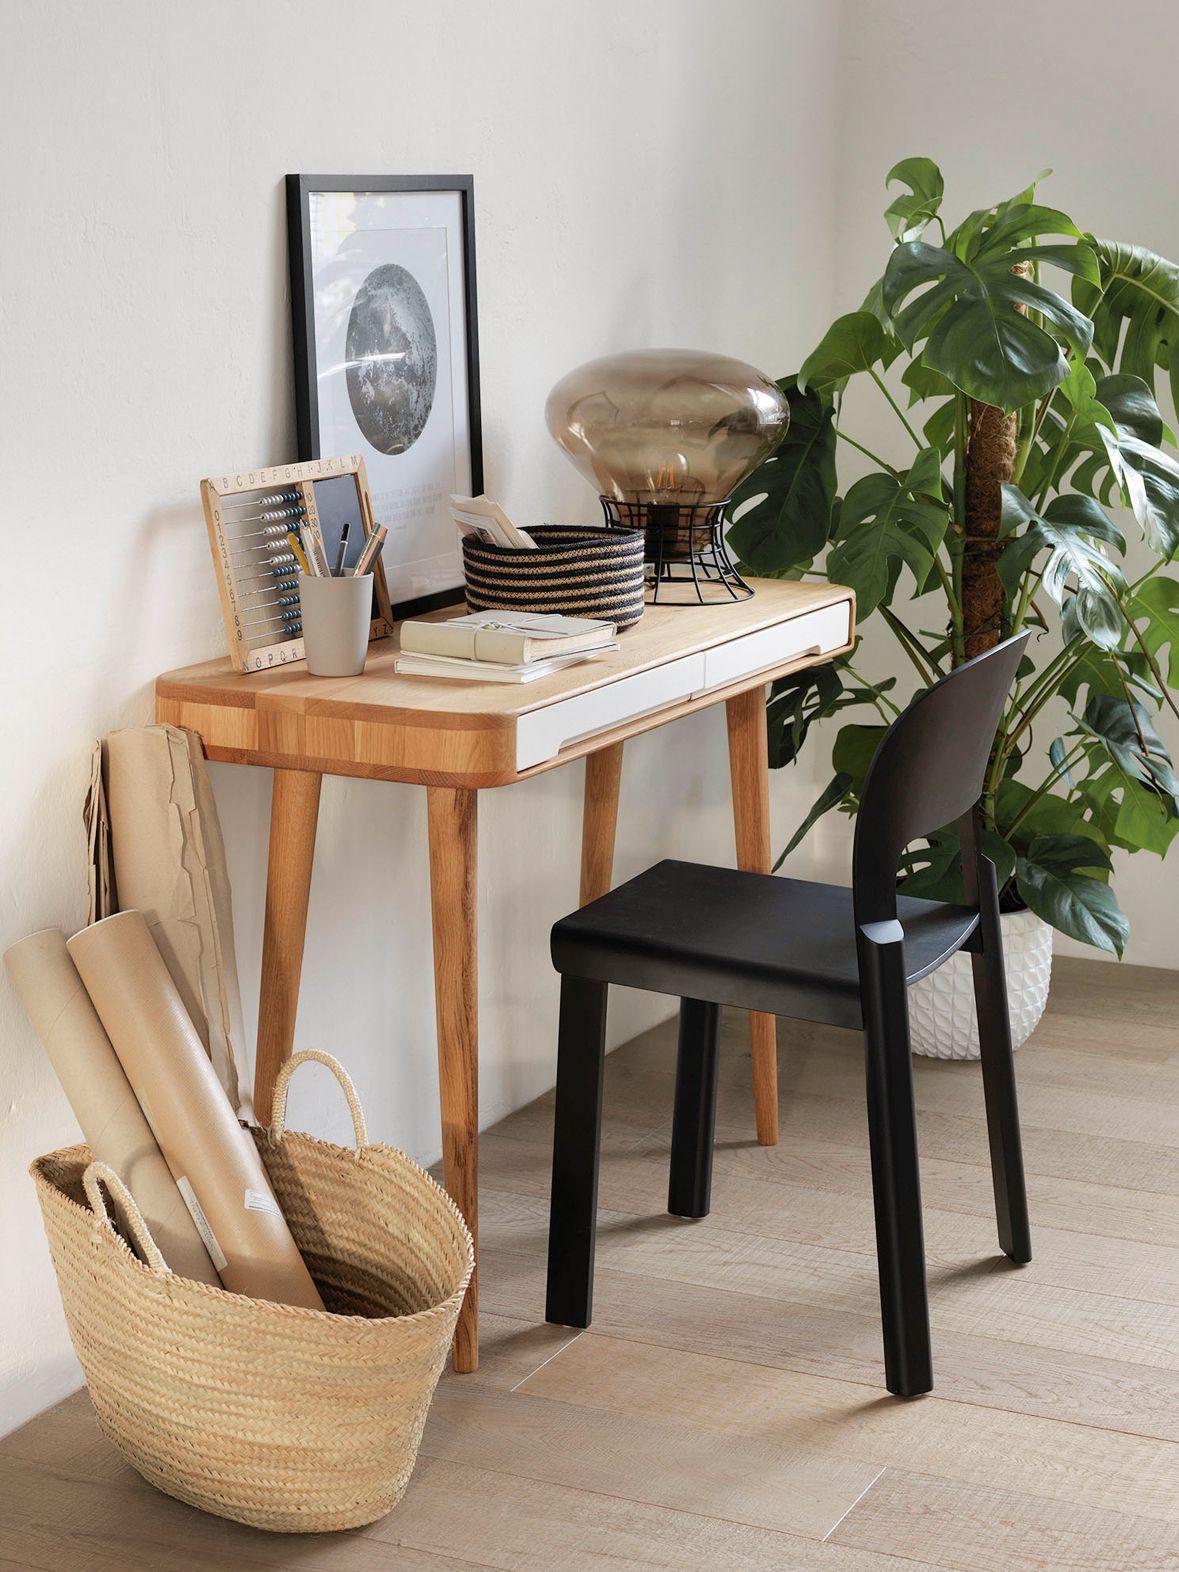 Tisch Und Stuhl Juppa Von Atelier Pfister Spannende Handwerkskunst